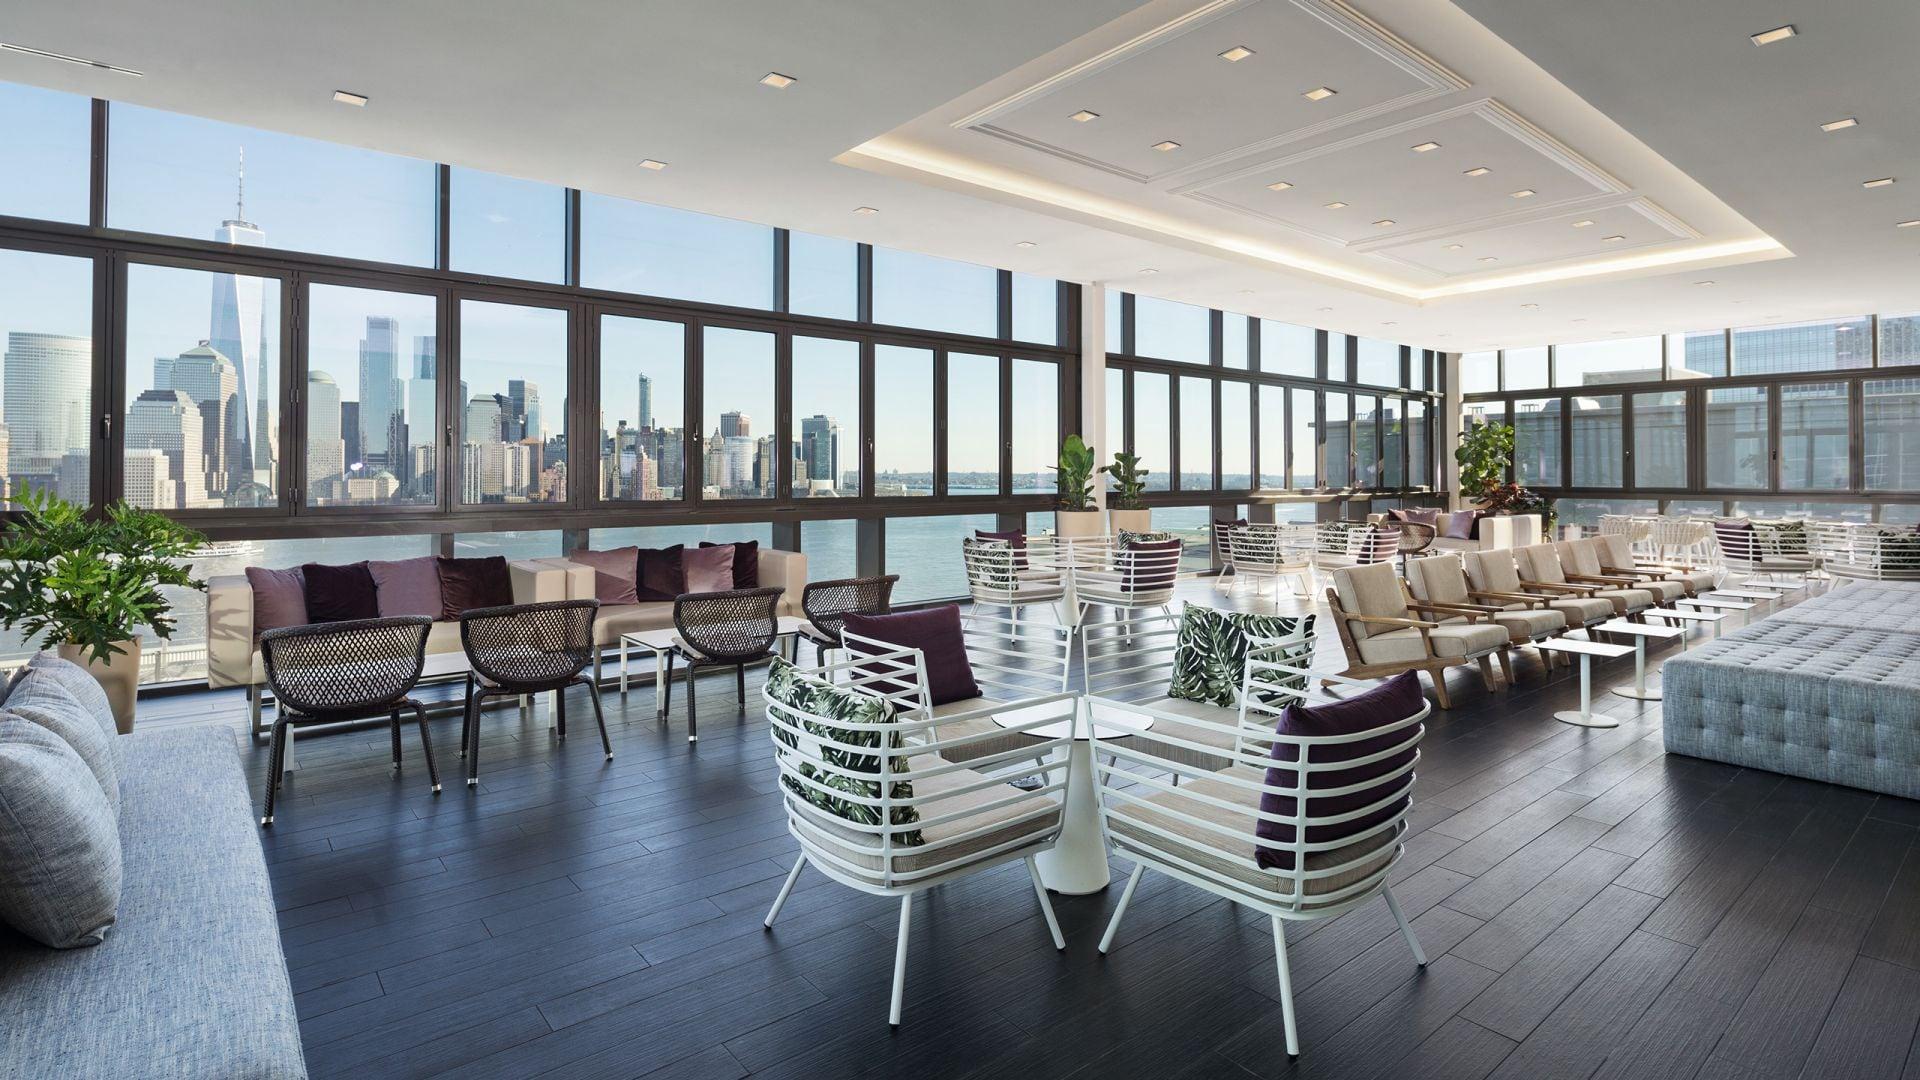 Hyatt House Jersey City Rooftop Terrace Bar